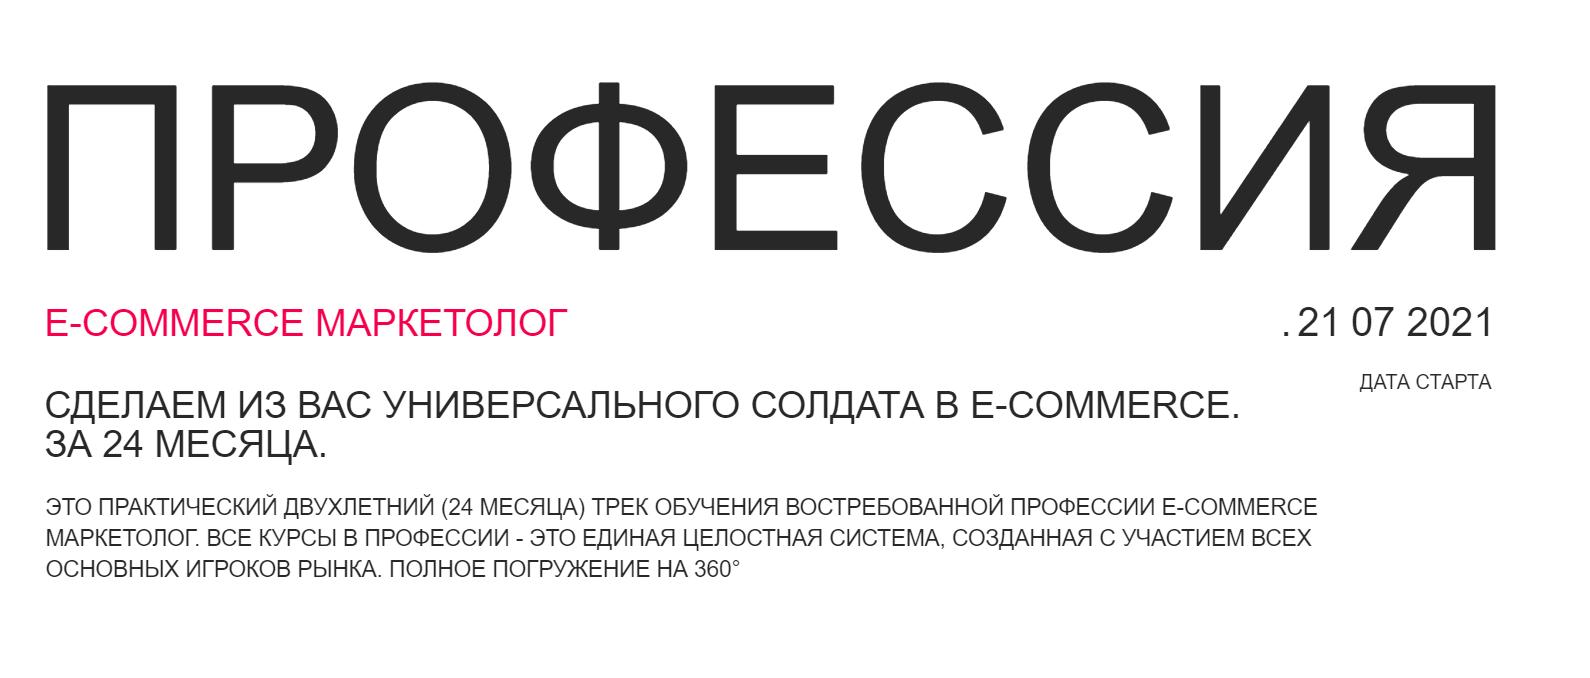 Профессия. E-commerce маркетолог